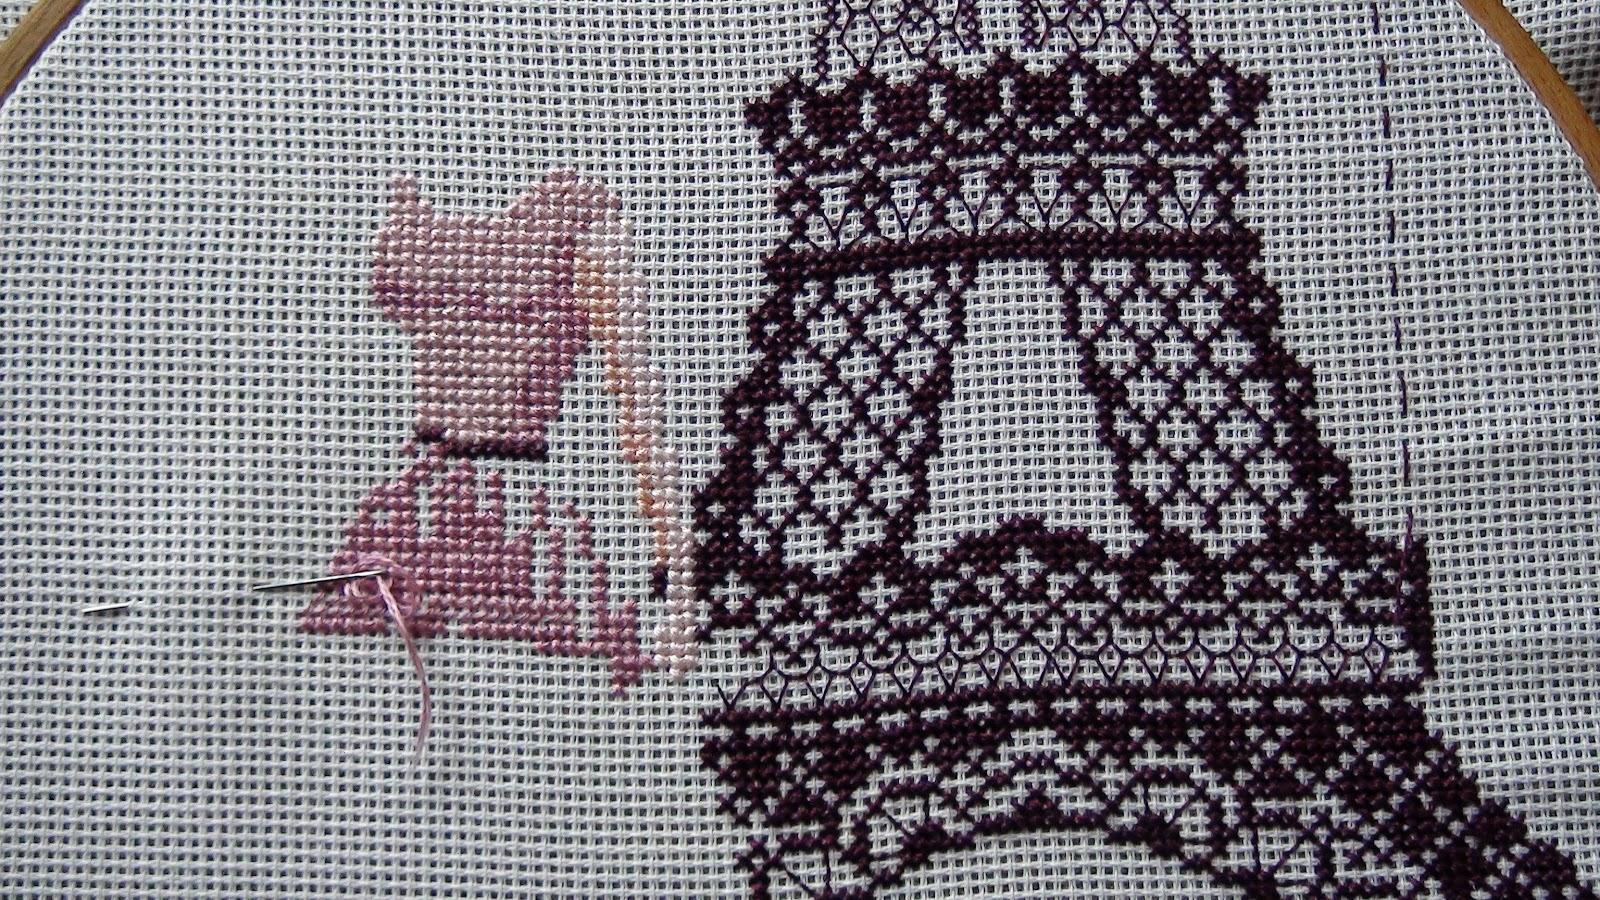 Схема для вышивки крестом « эйфелева башня 3 » 55 х 40 | svet.